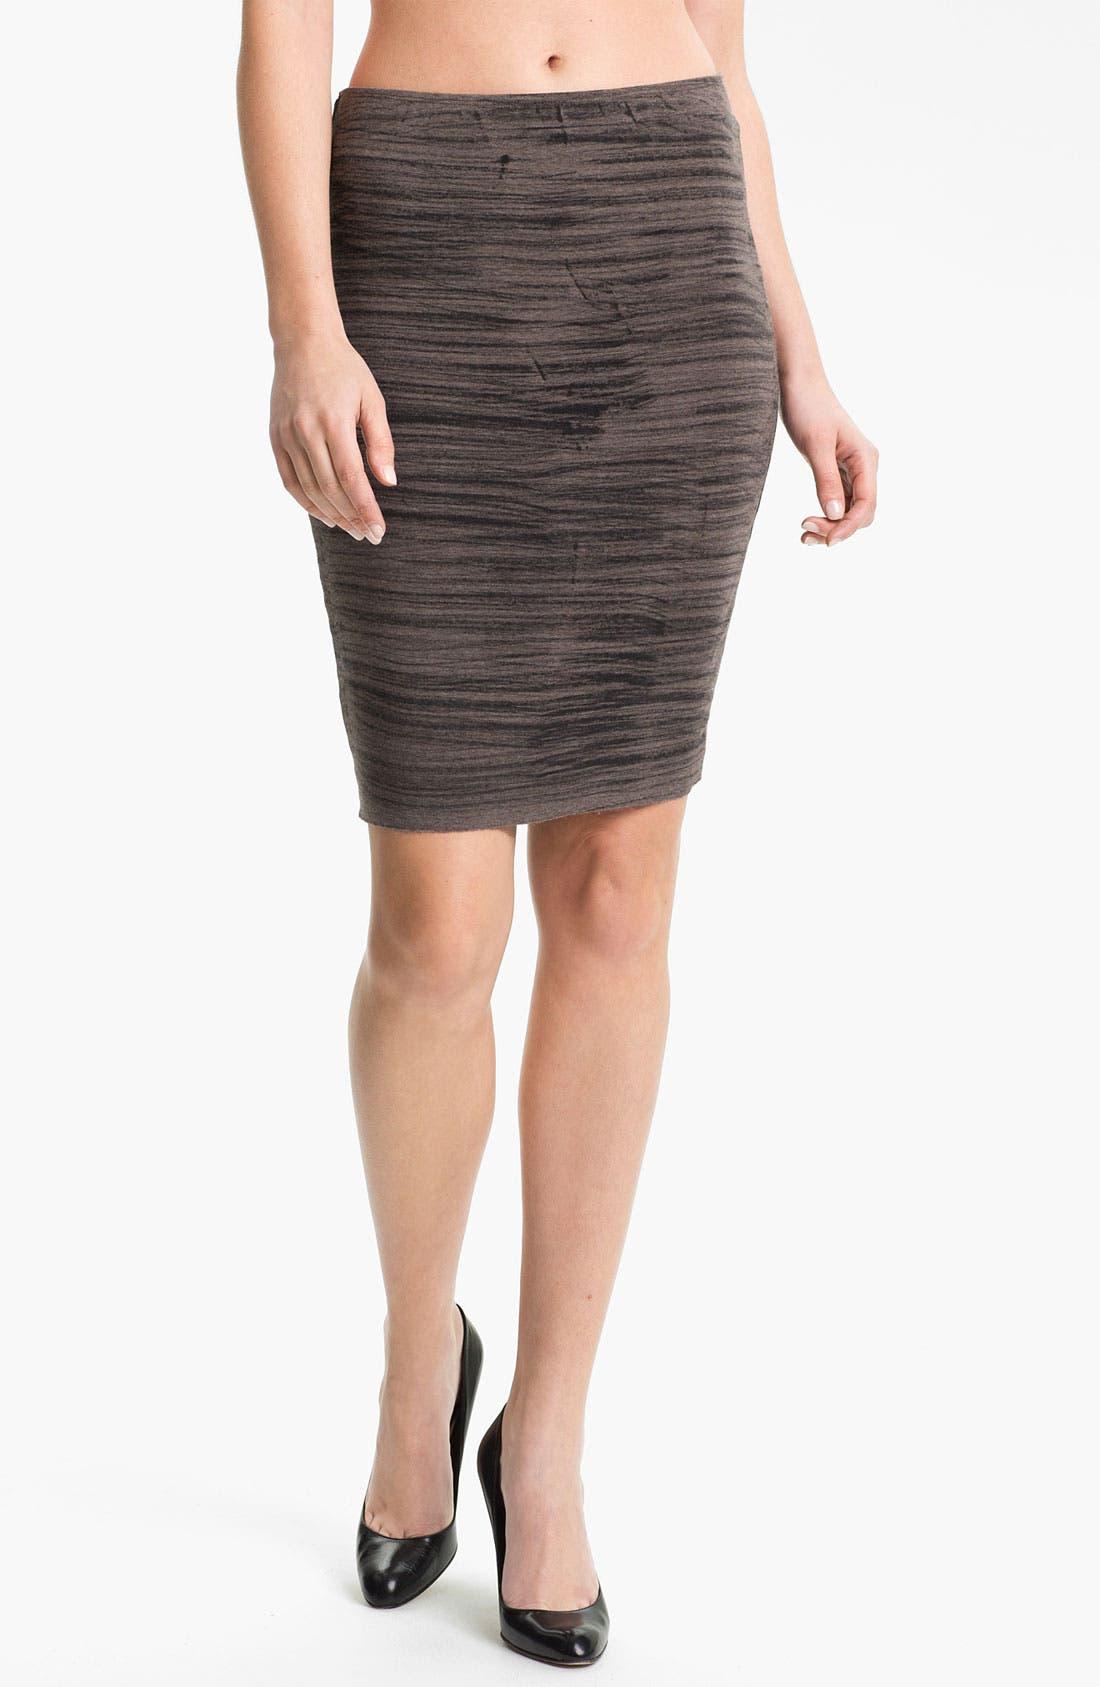 Alternate Image 1 Selected - Bailey 44 'Rosetta Stone' Skirt